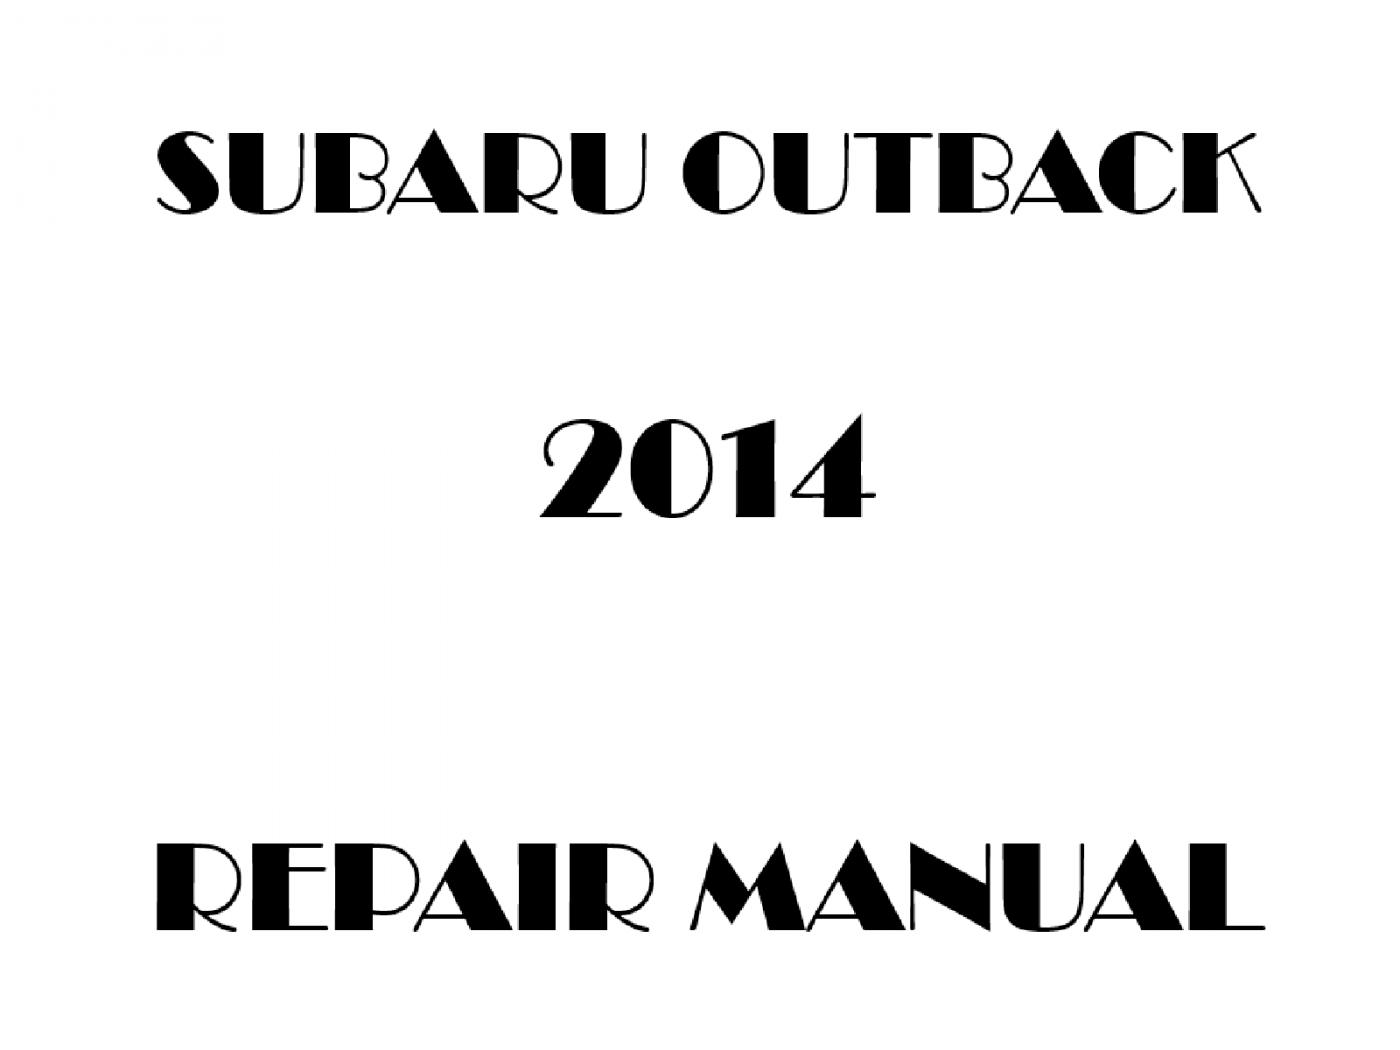 2014 Subaru Outback repair manual